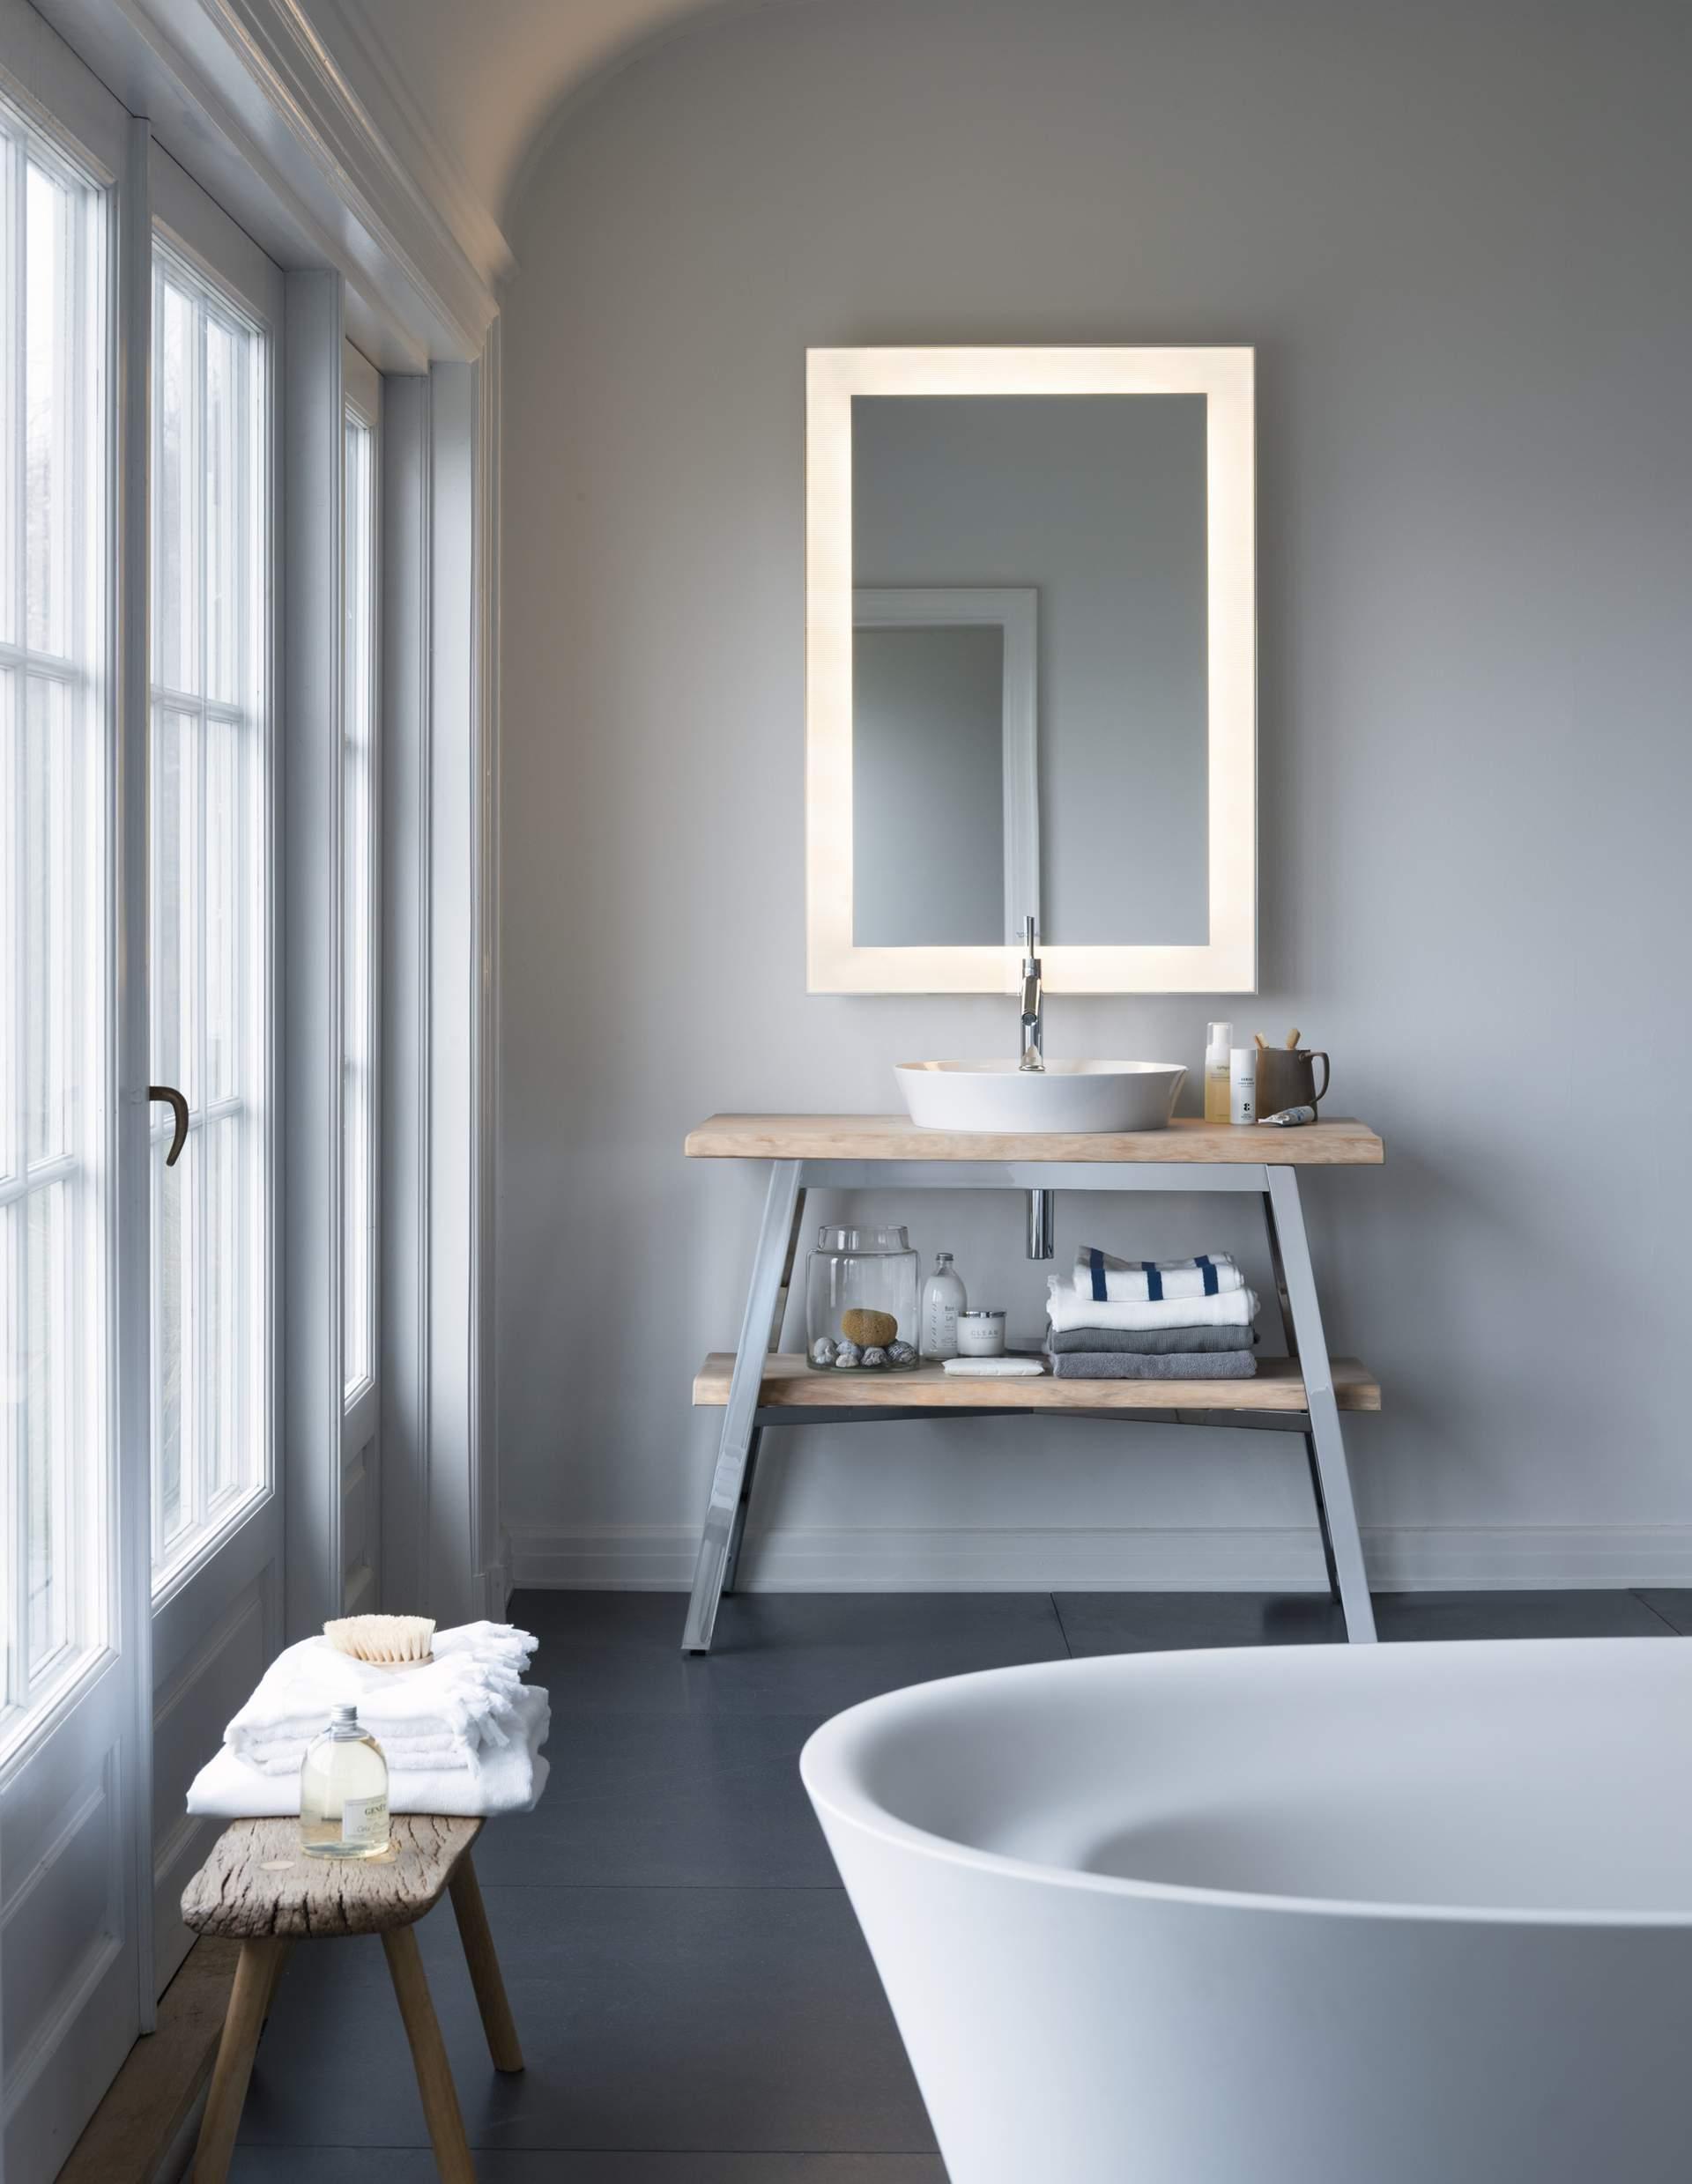 Badgestaltung - Badezimmer Gestalten Mit Duravit | Duravit Badezimmer Design Badgestaltung